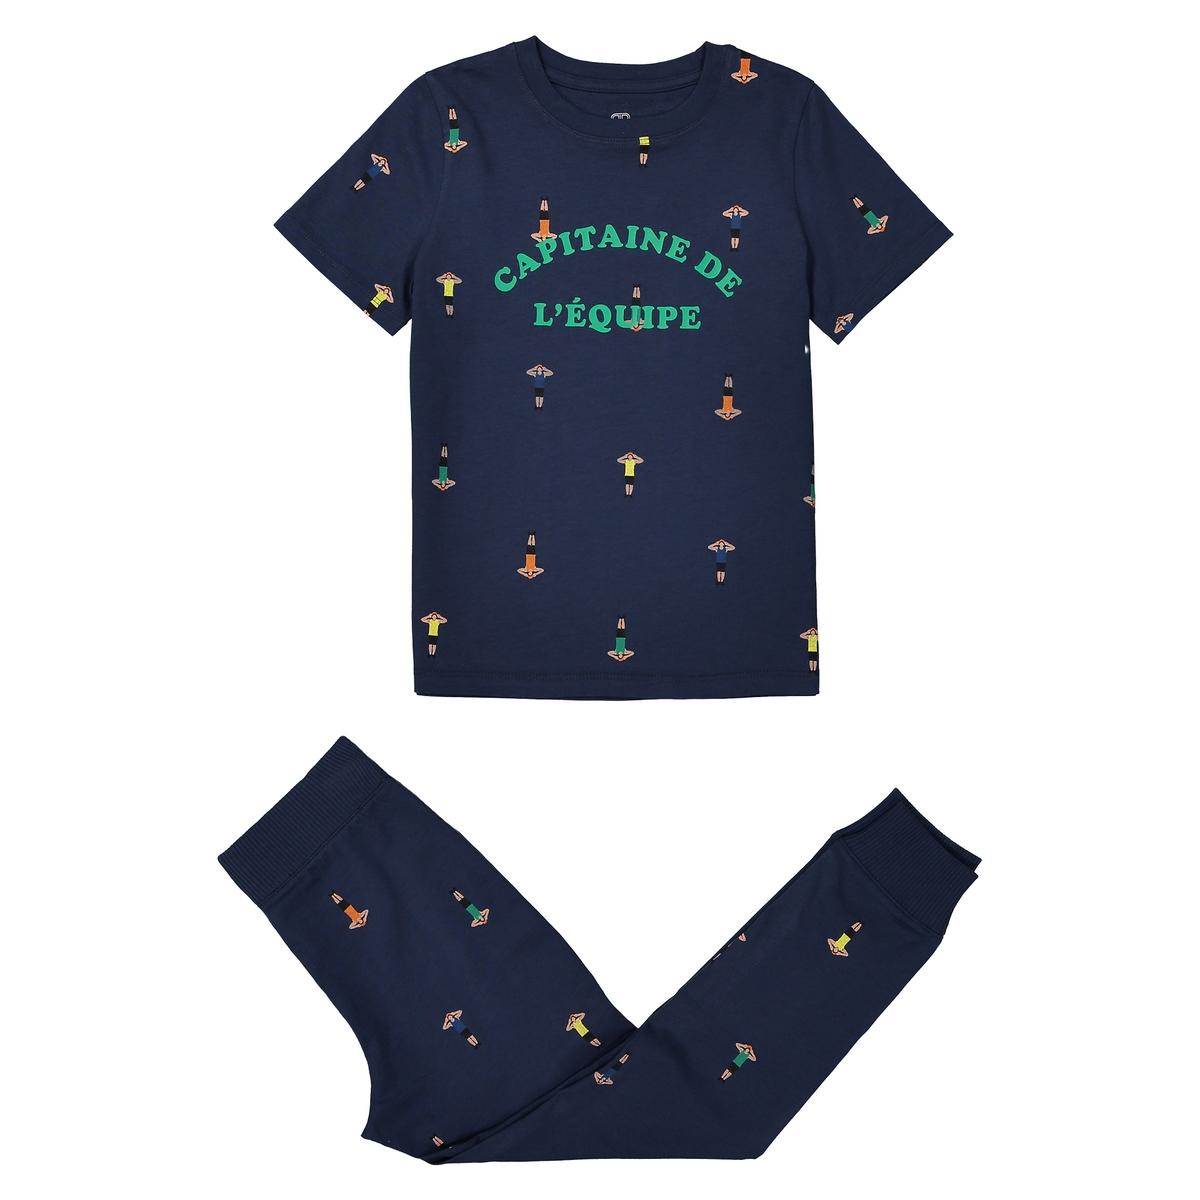 Pijama estampado em algodão, 2-12 anos